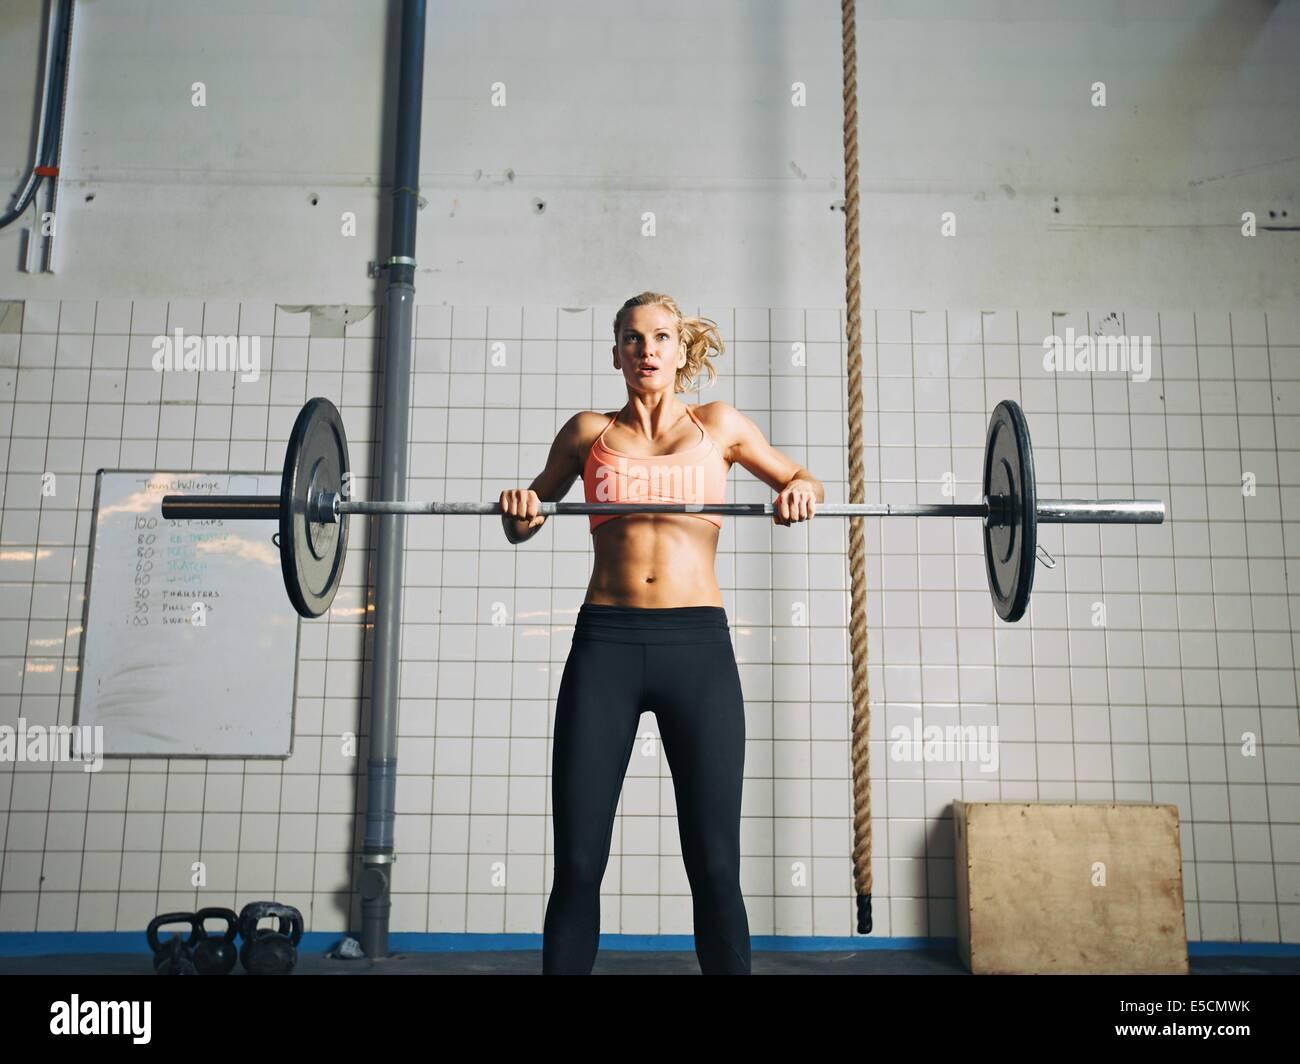 Jeune femme forte contre les pratiques de mettre en place dans une salle de sport. Mettre en place une femelle avec Photo Stock